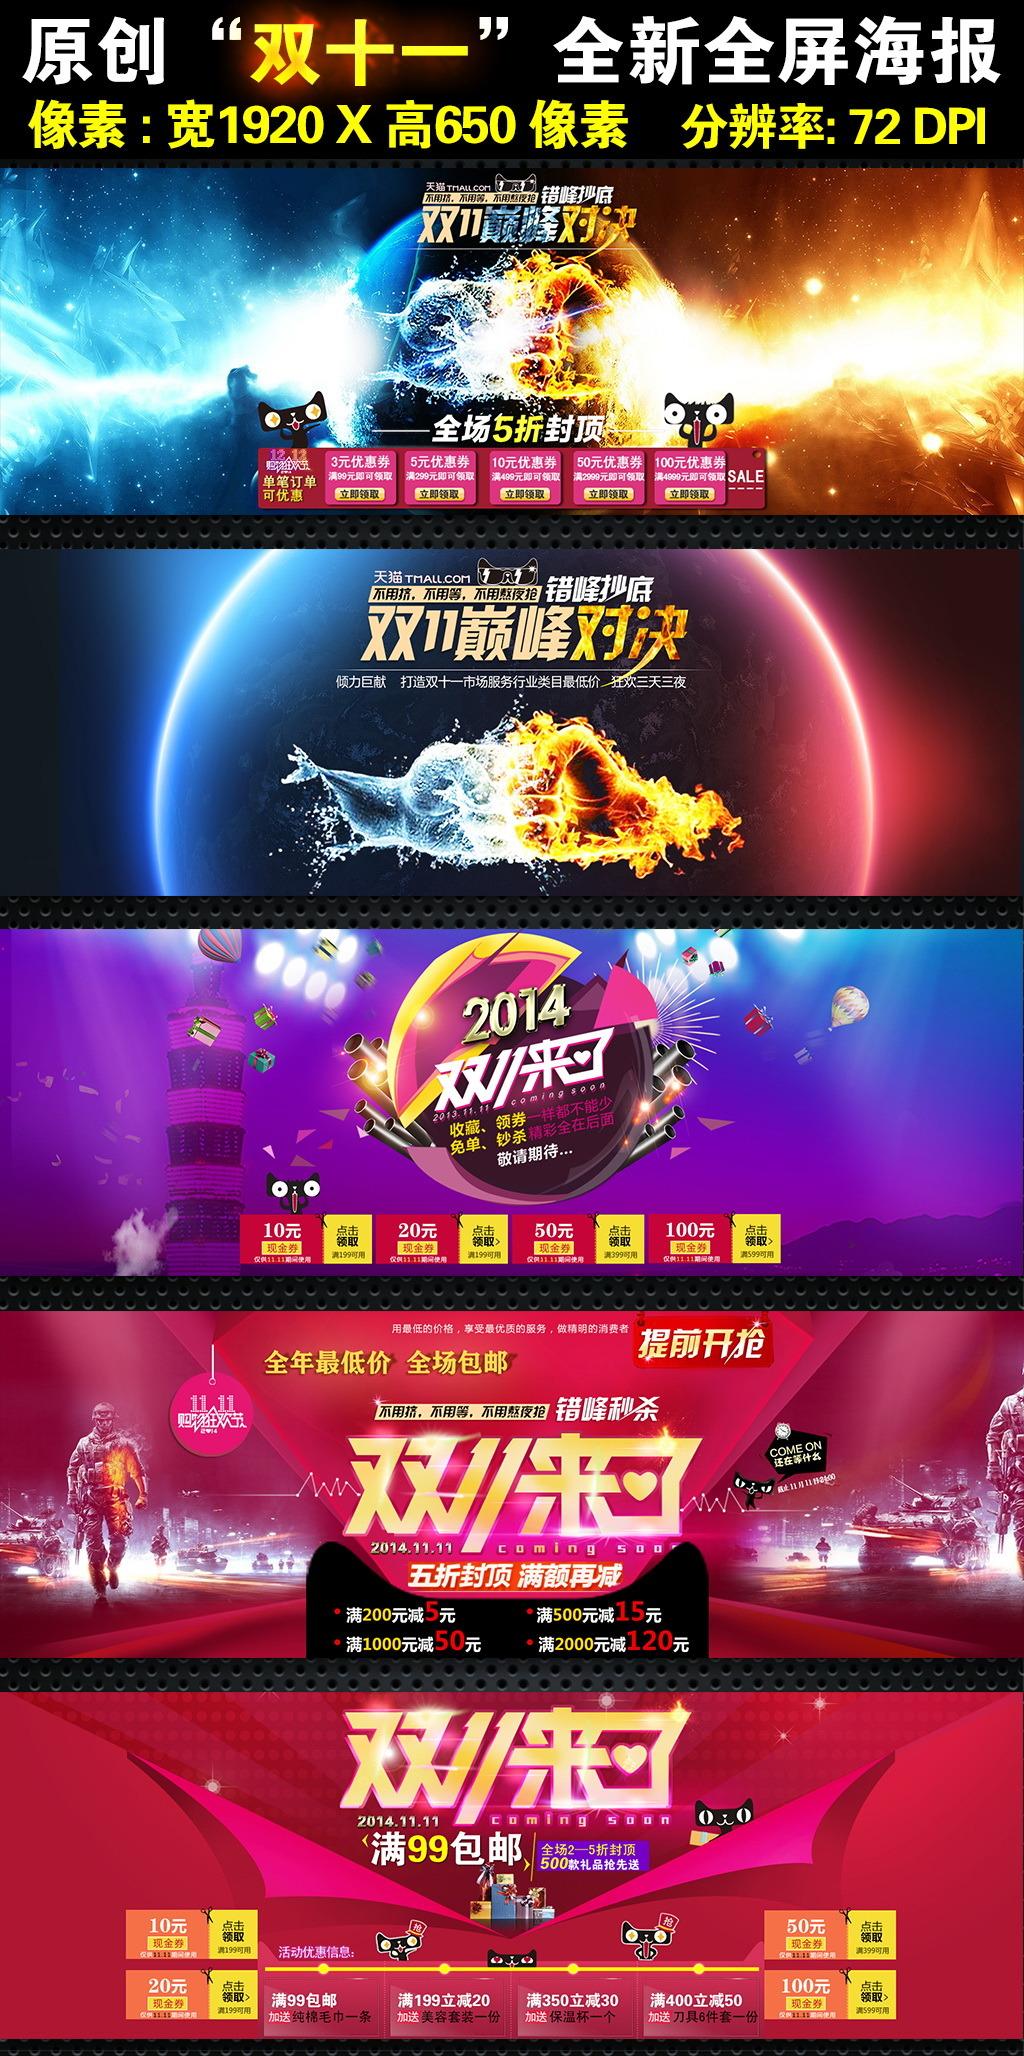 淘宝天猫双11活动促销全屏海报psd模板